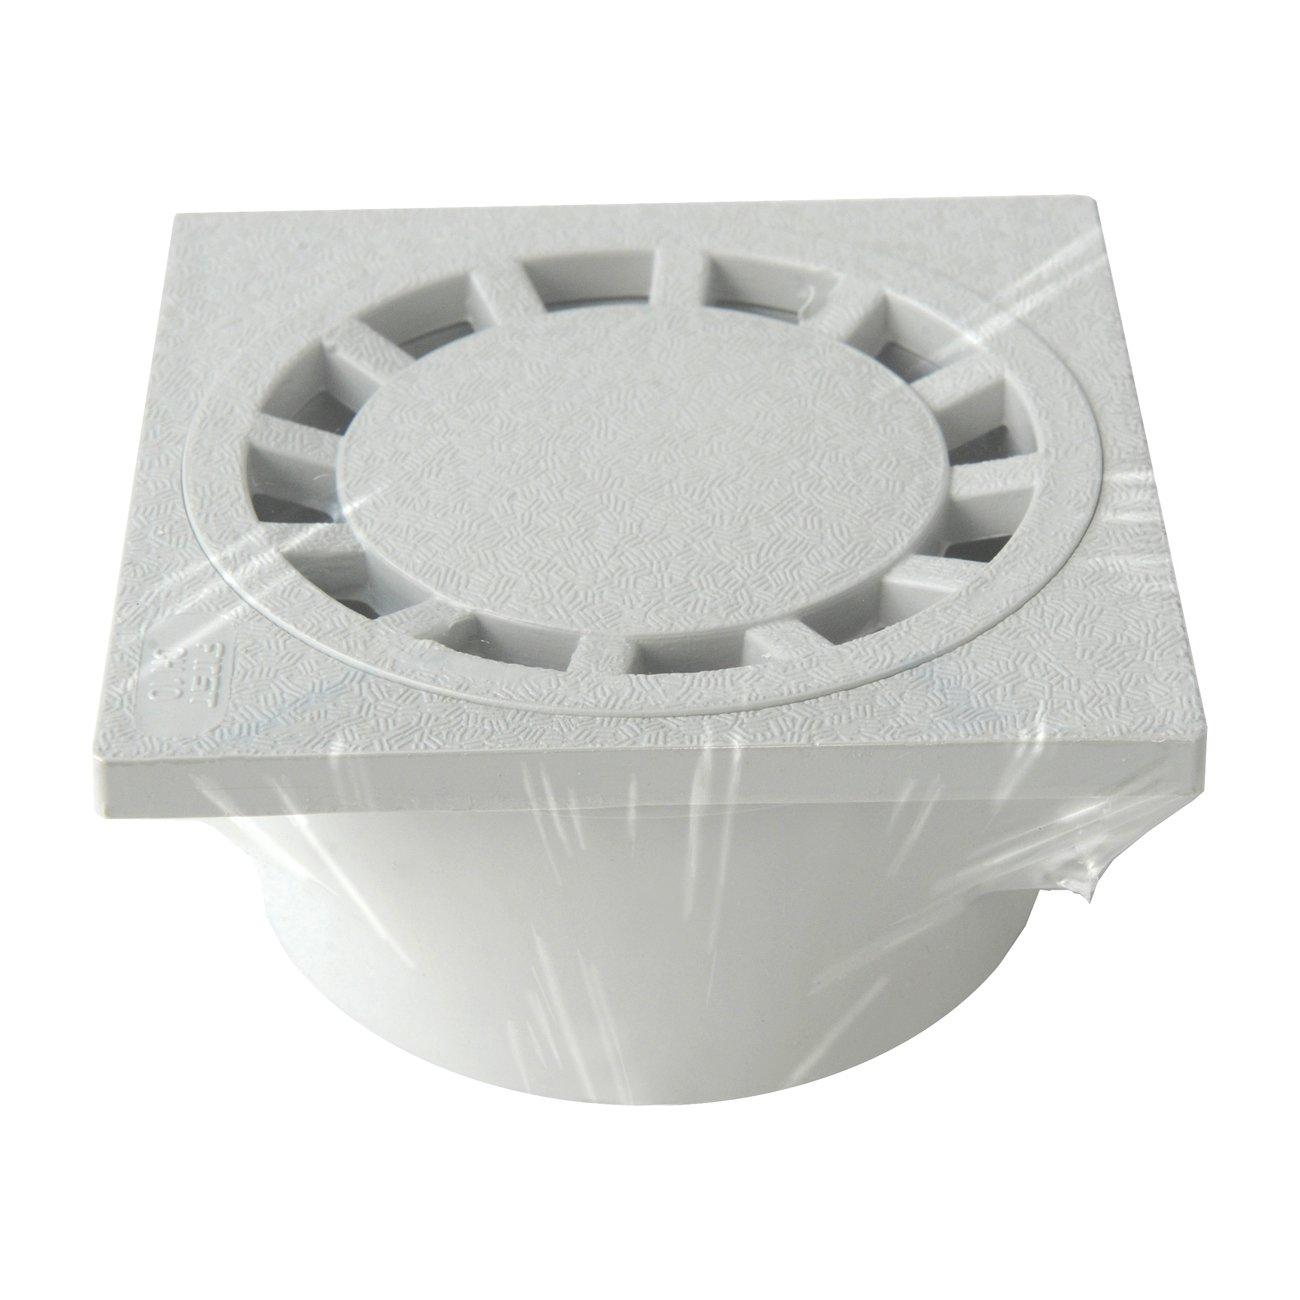 First Plast CHPVC10G Chiusino Sifonato in PVC 100 x 100 mm Grigio